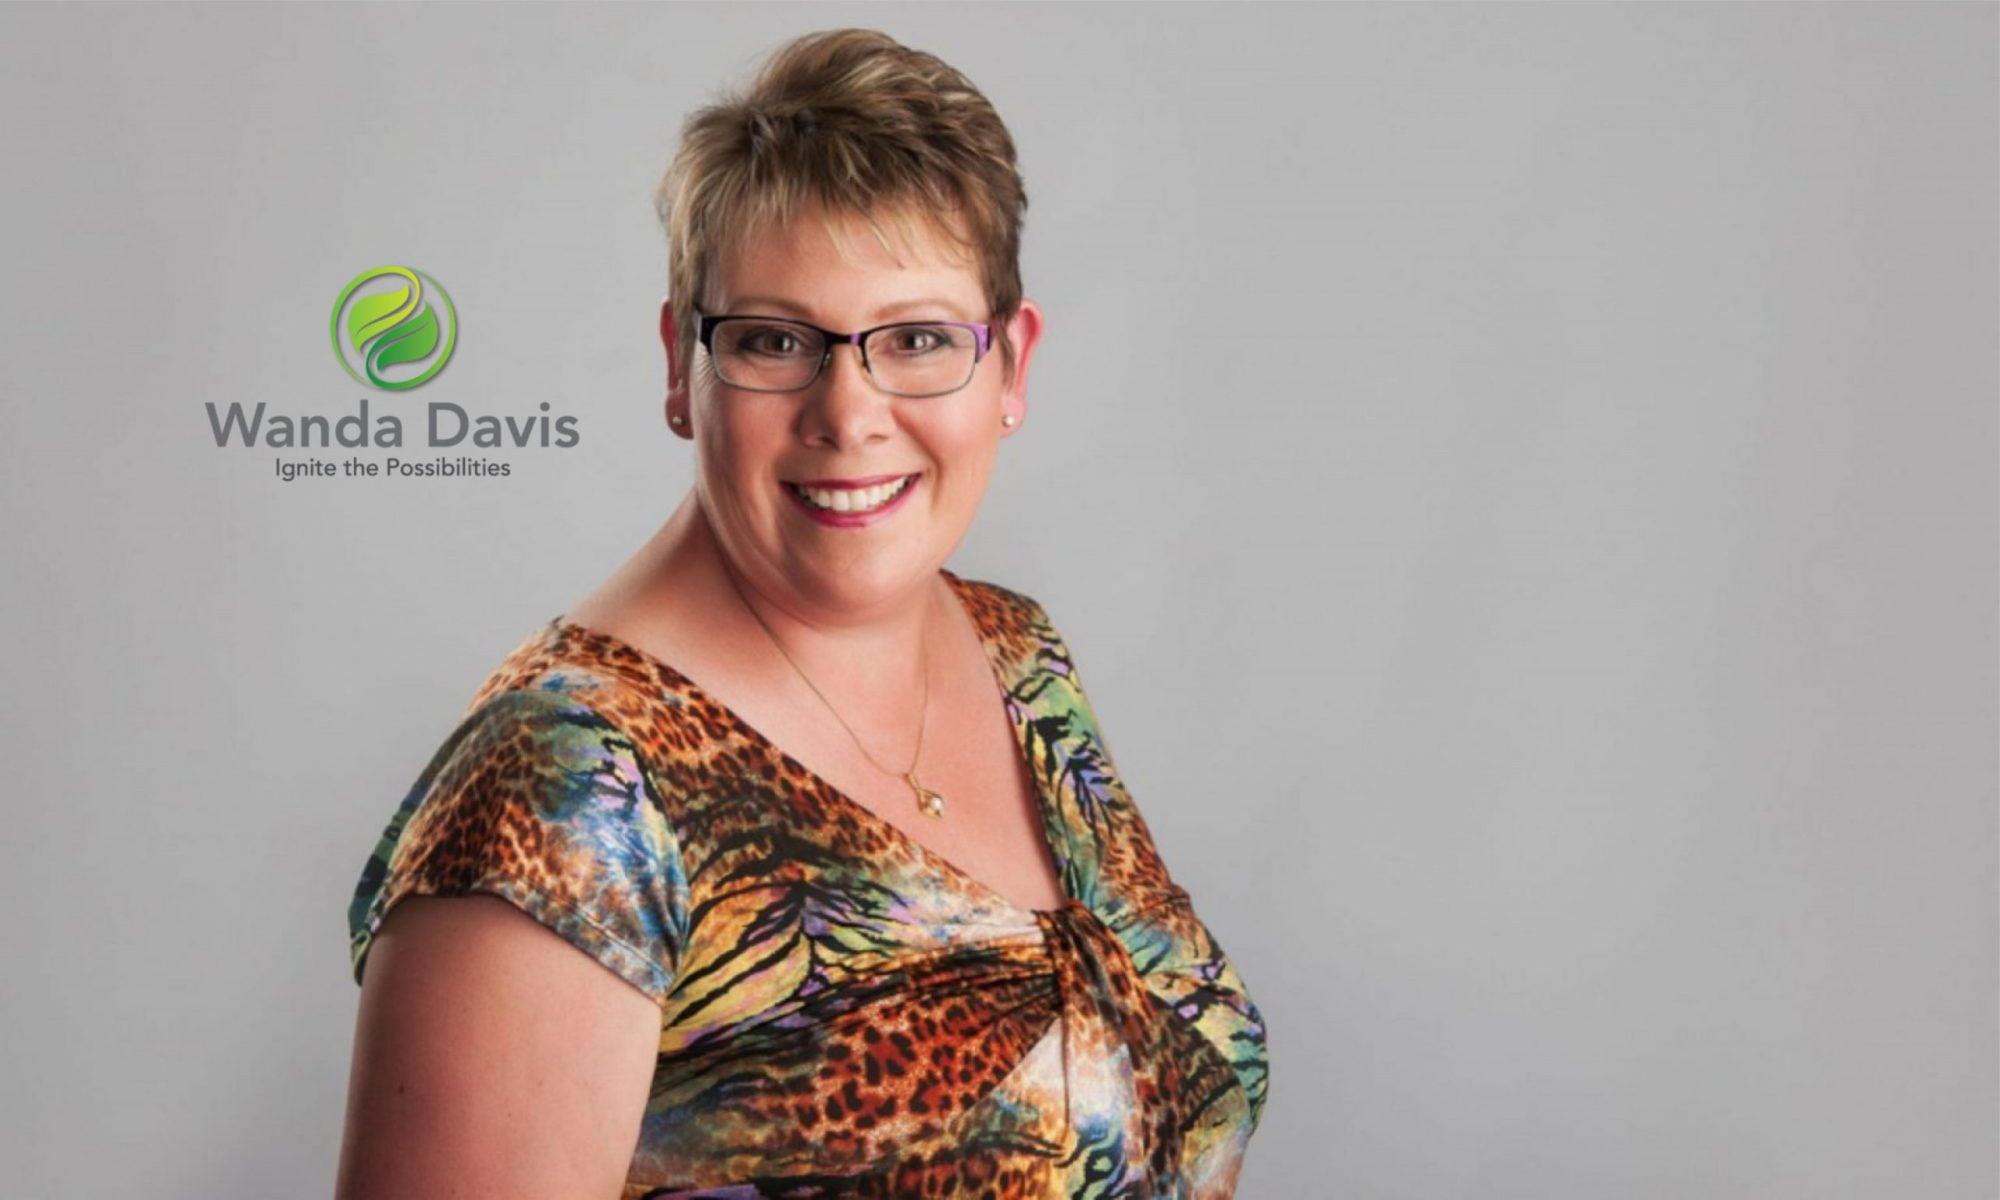 Wanda Davis, 2263749045